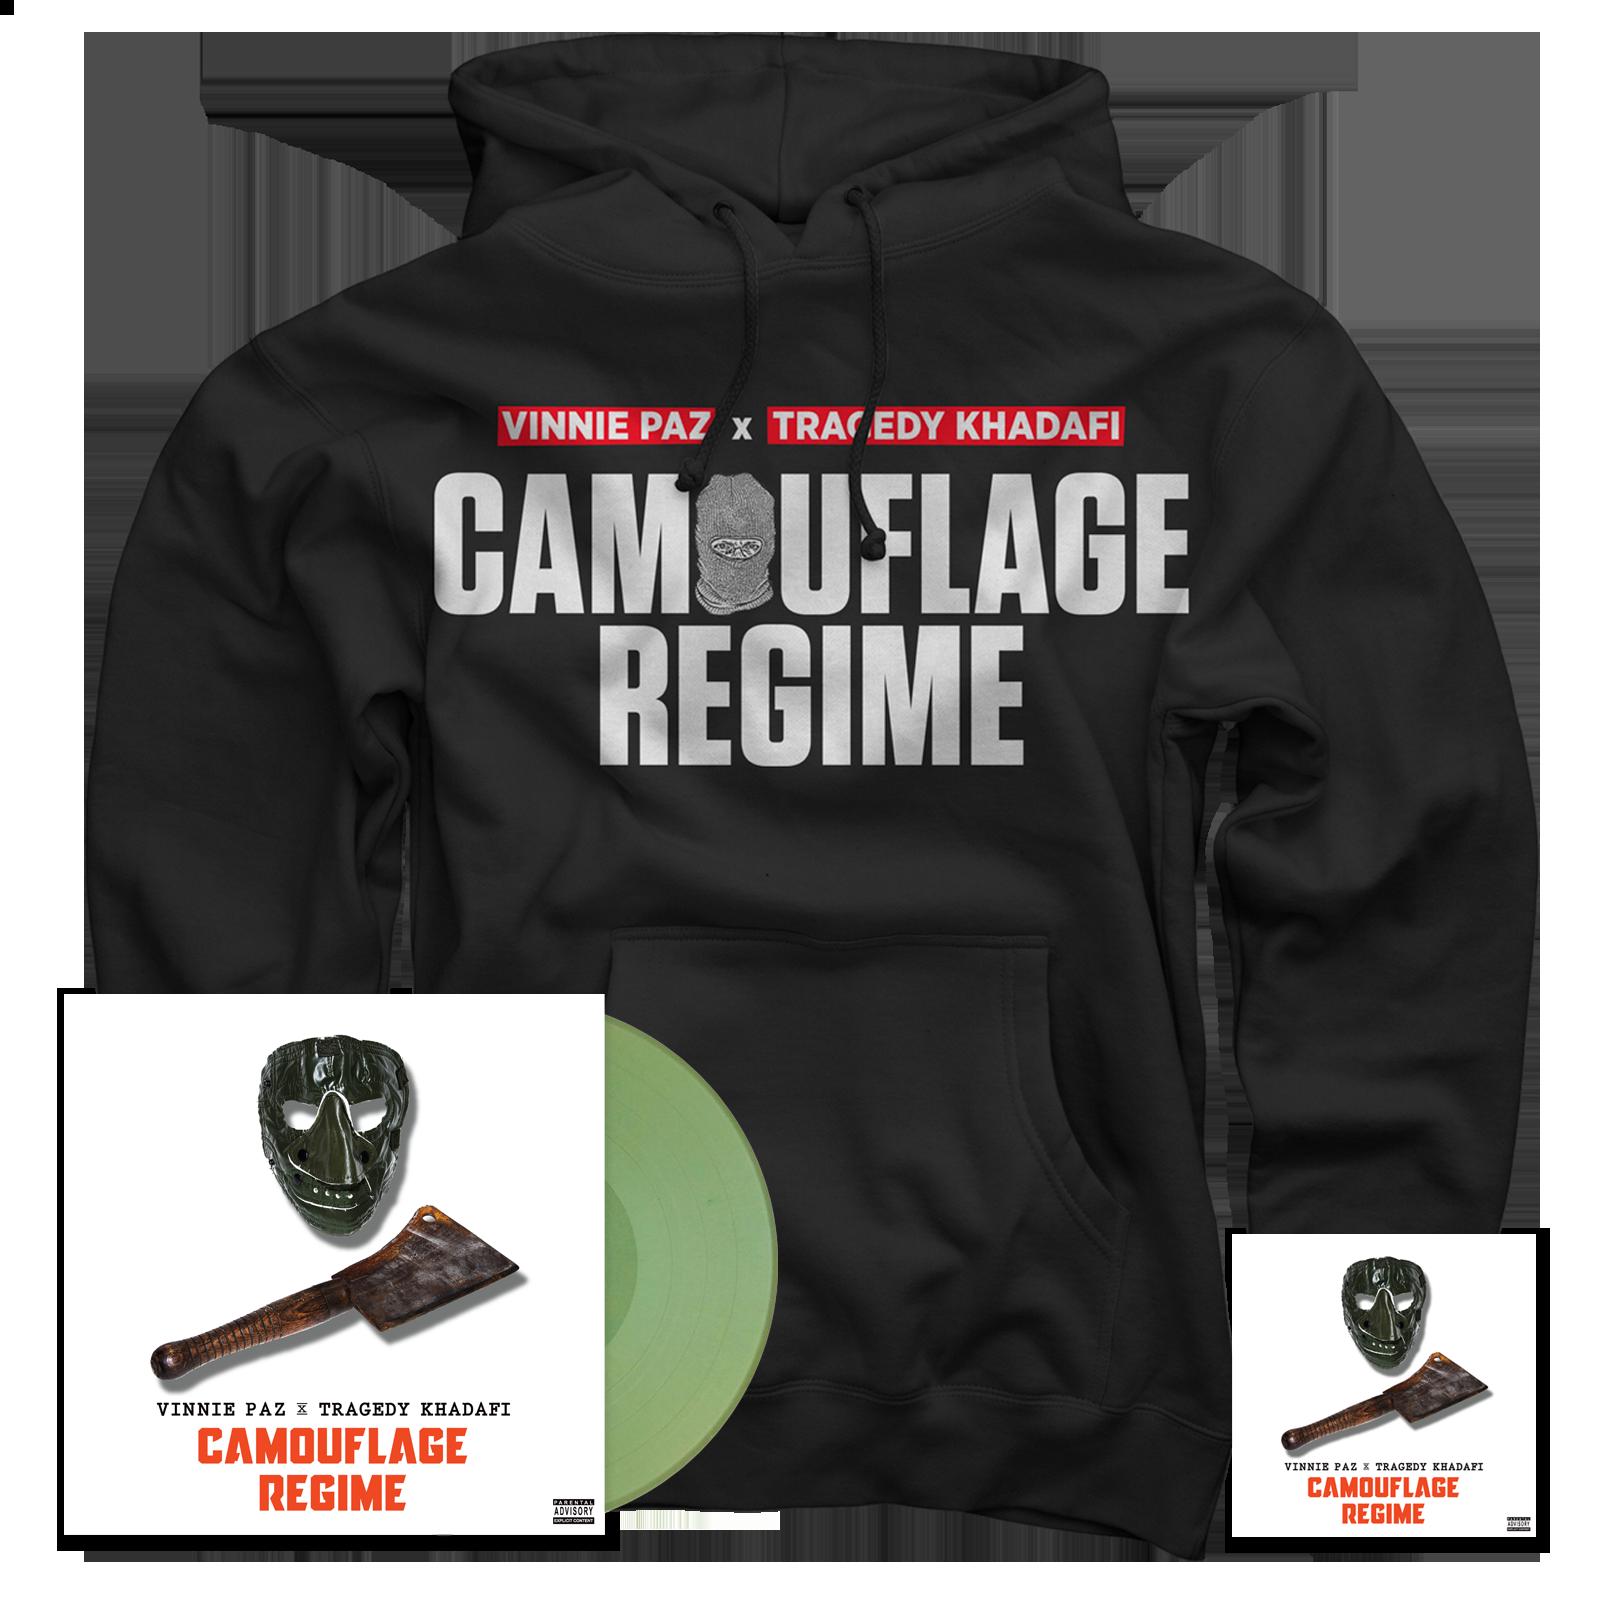 Camouflage Regime Hoodie + Vinyl + CD Bundle